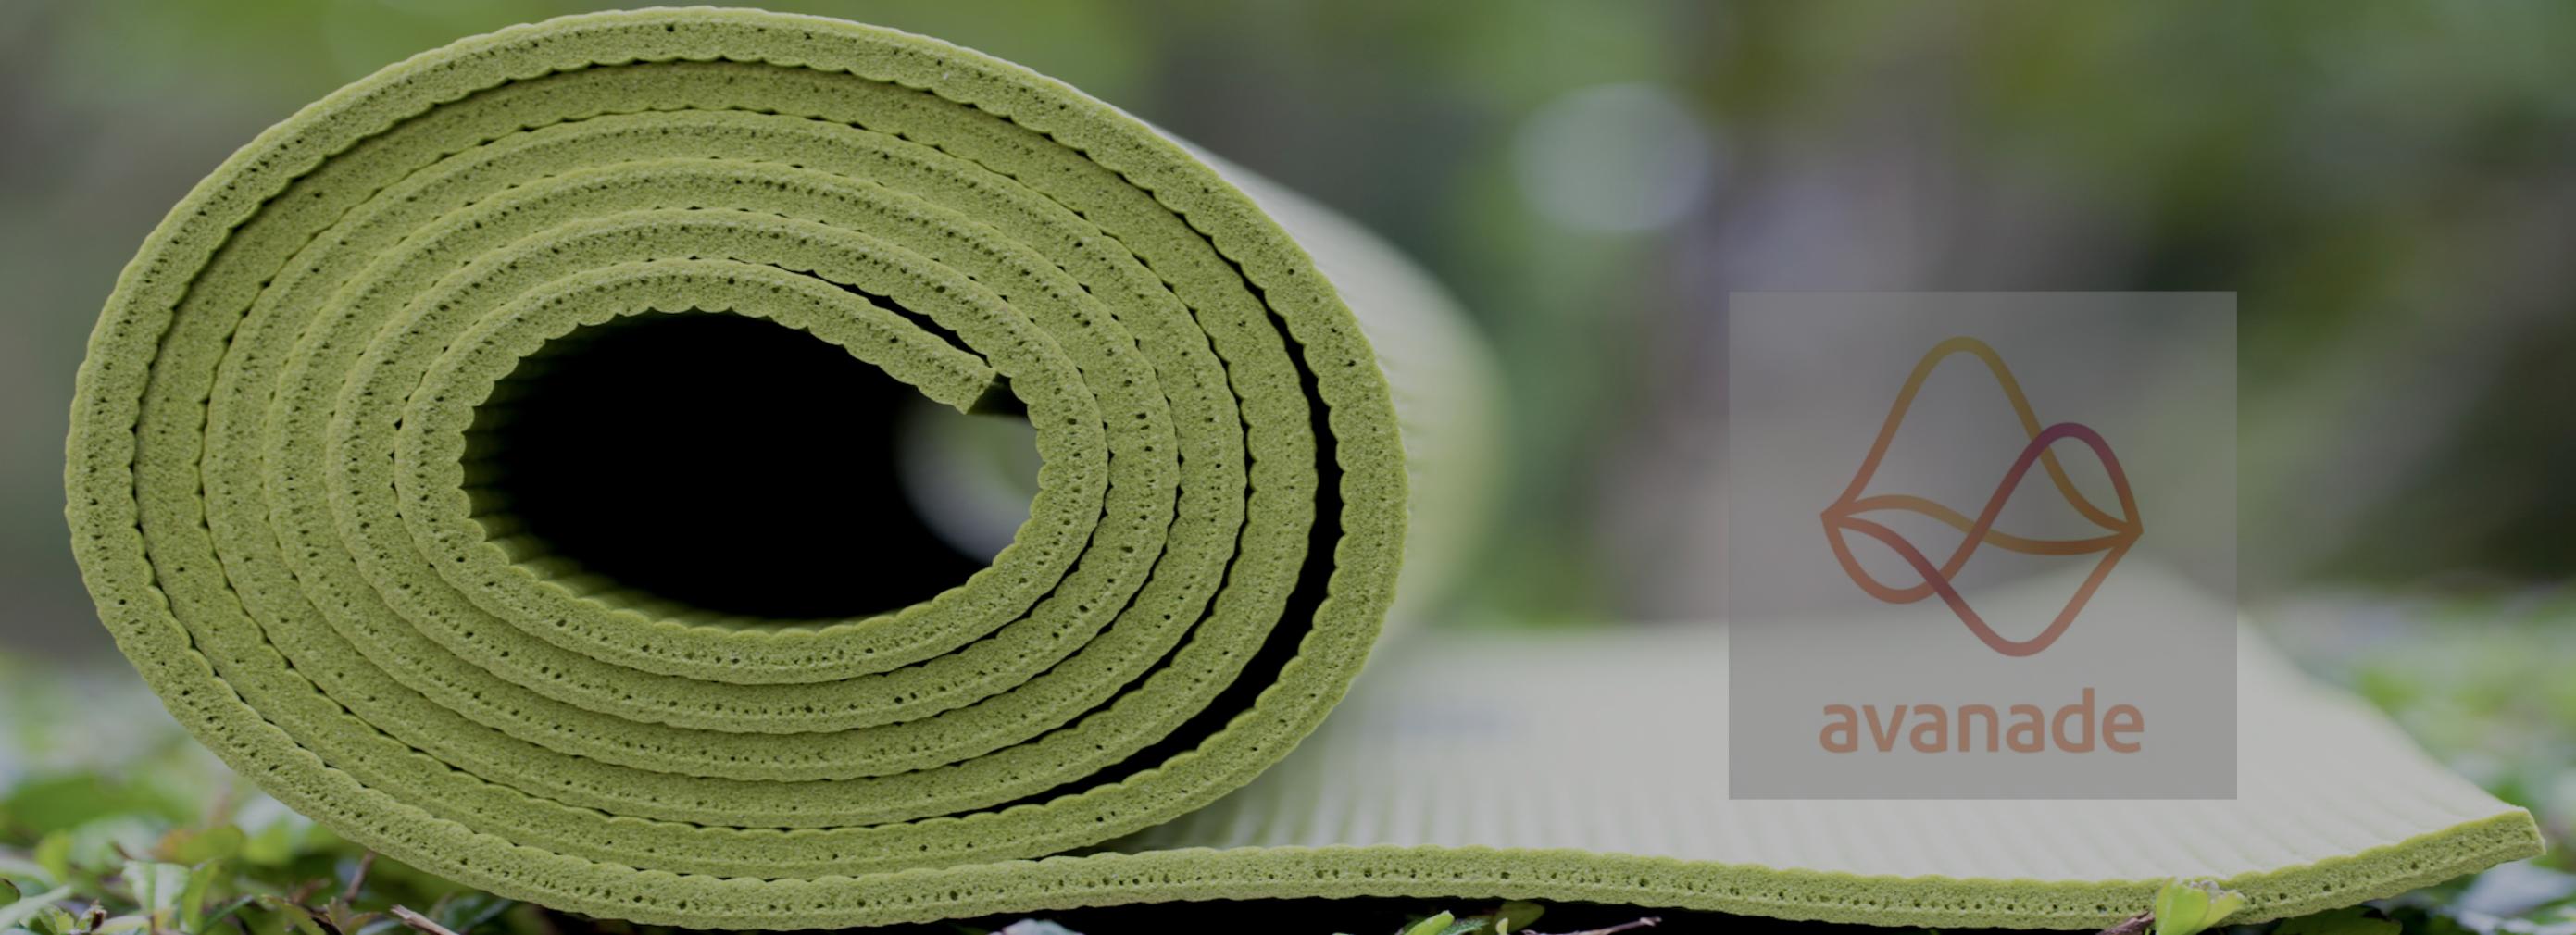 yoga avanade